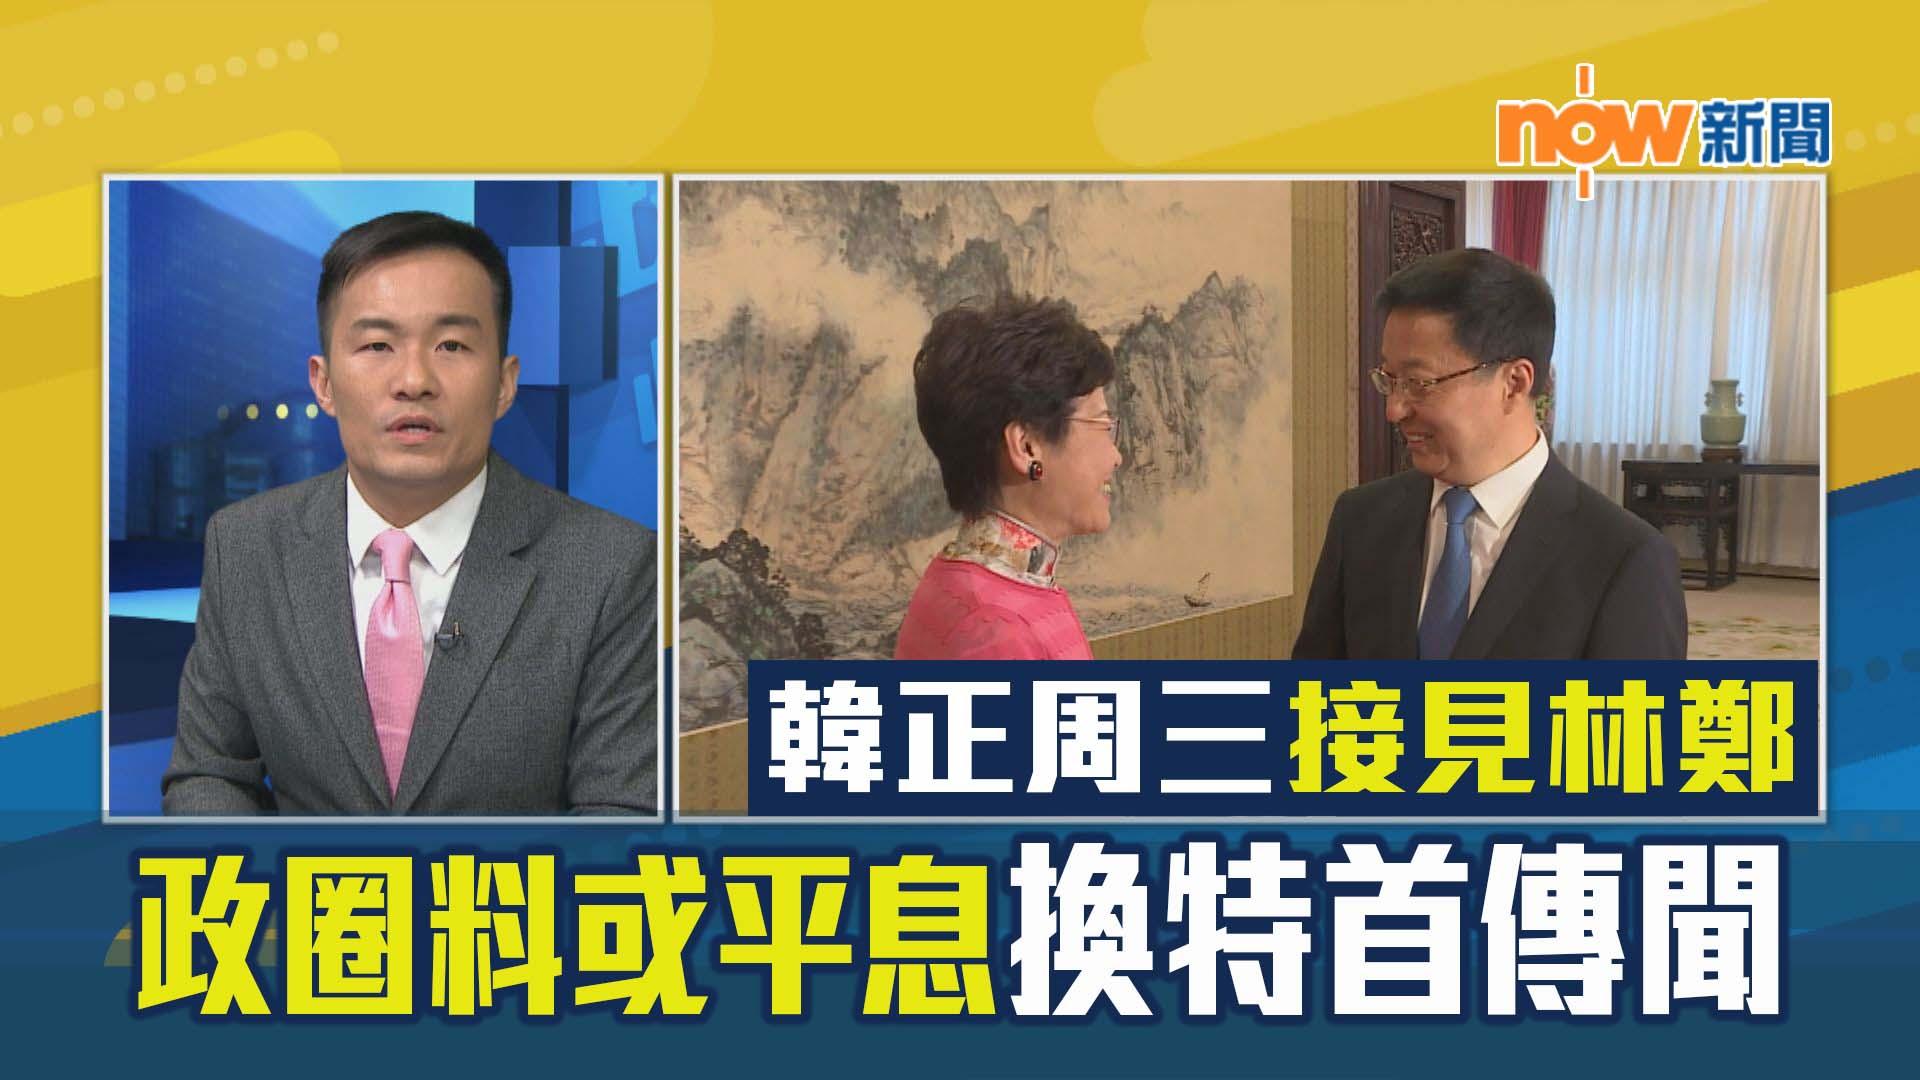 【政情】韓正周三接見林鄭 政圈料或平息換特首傳聞